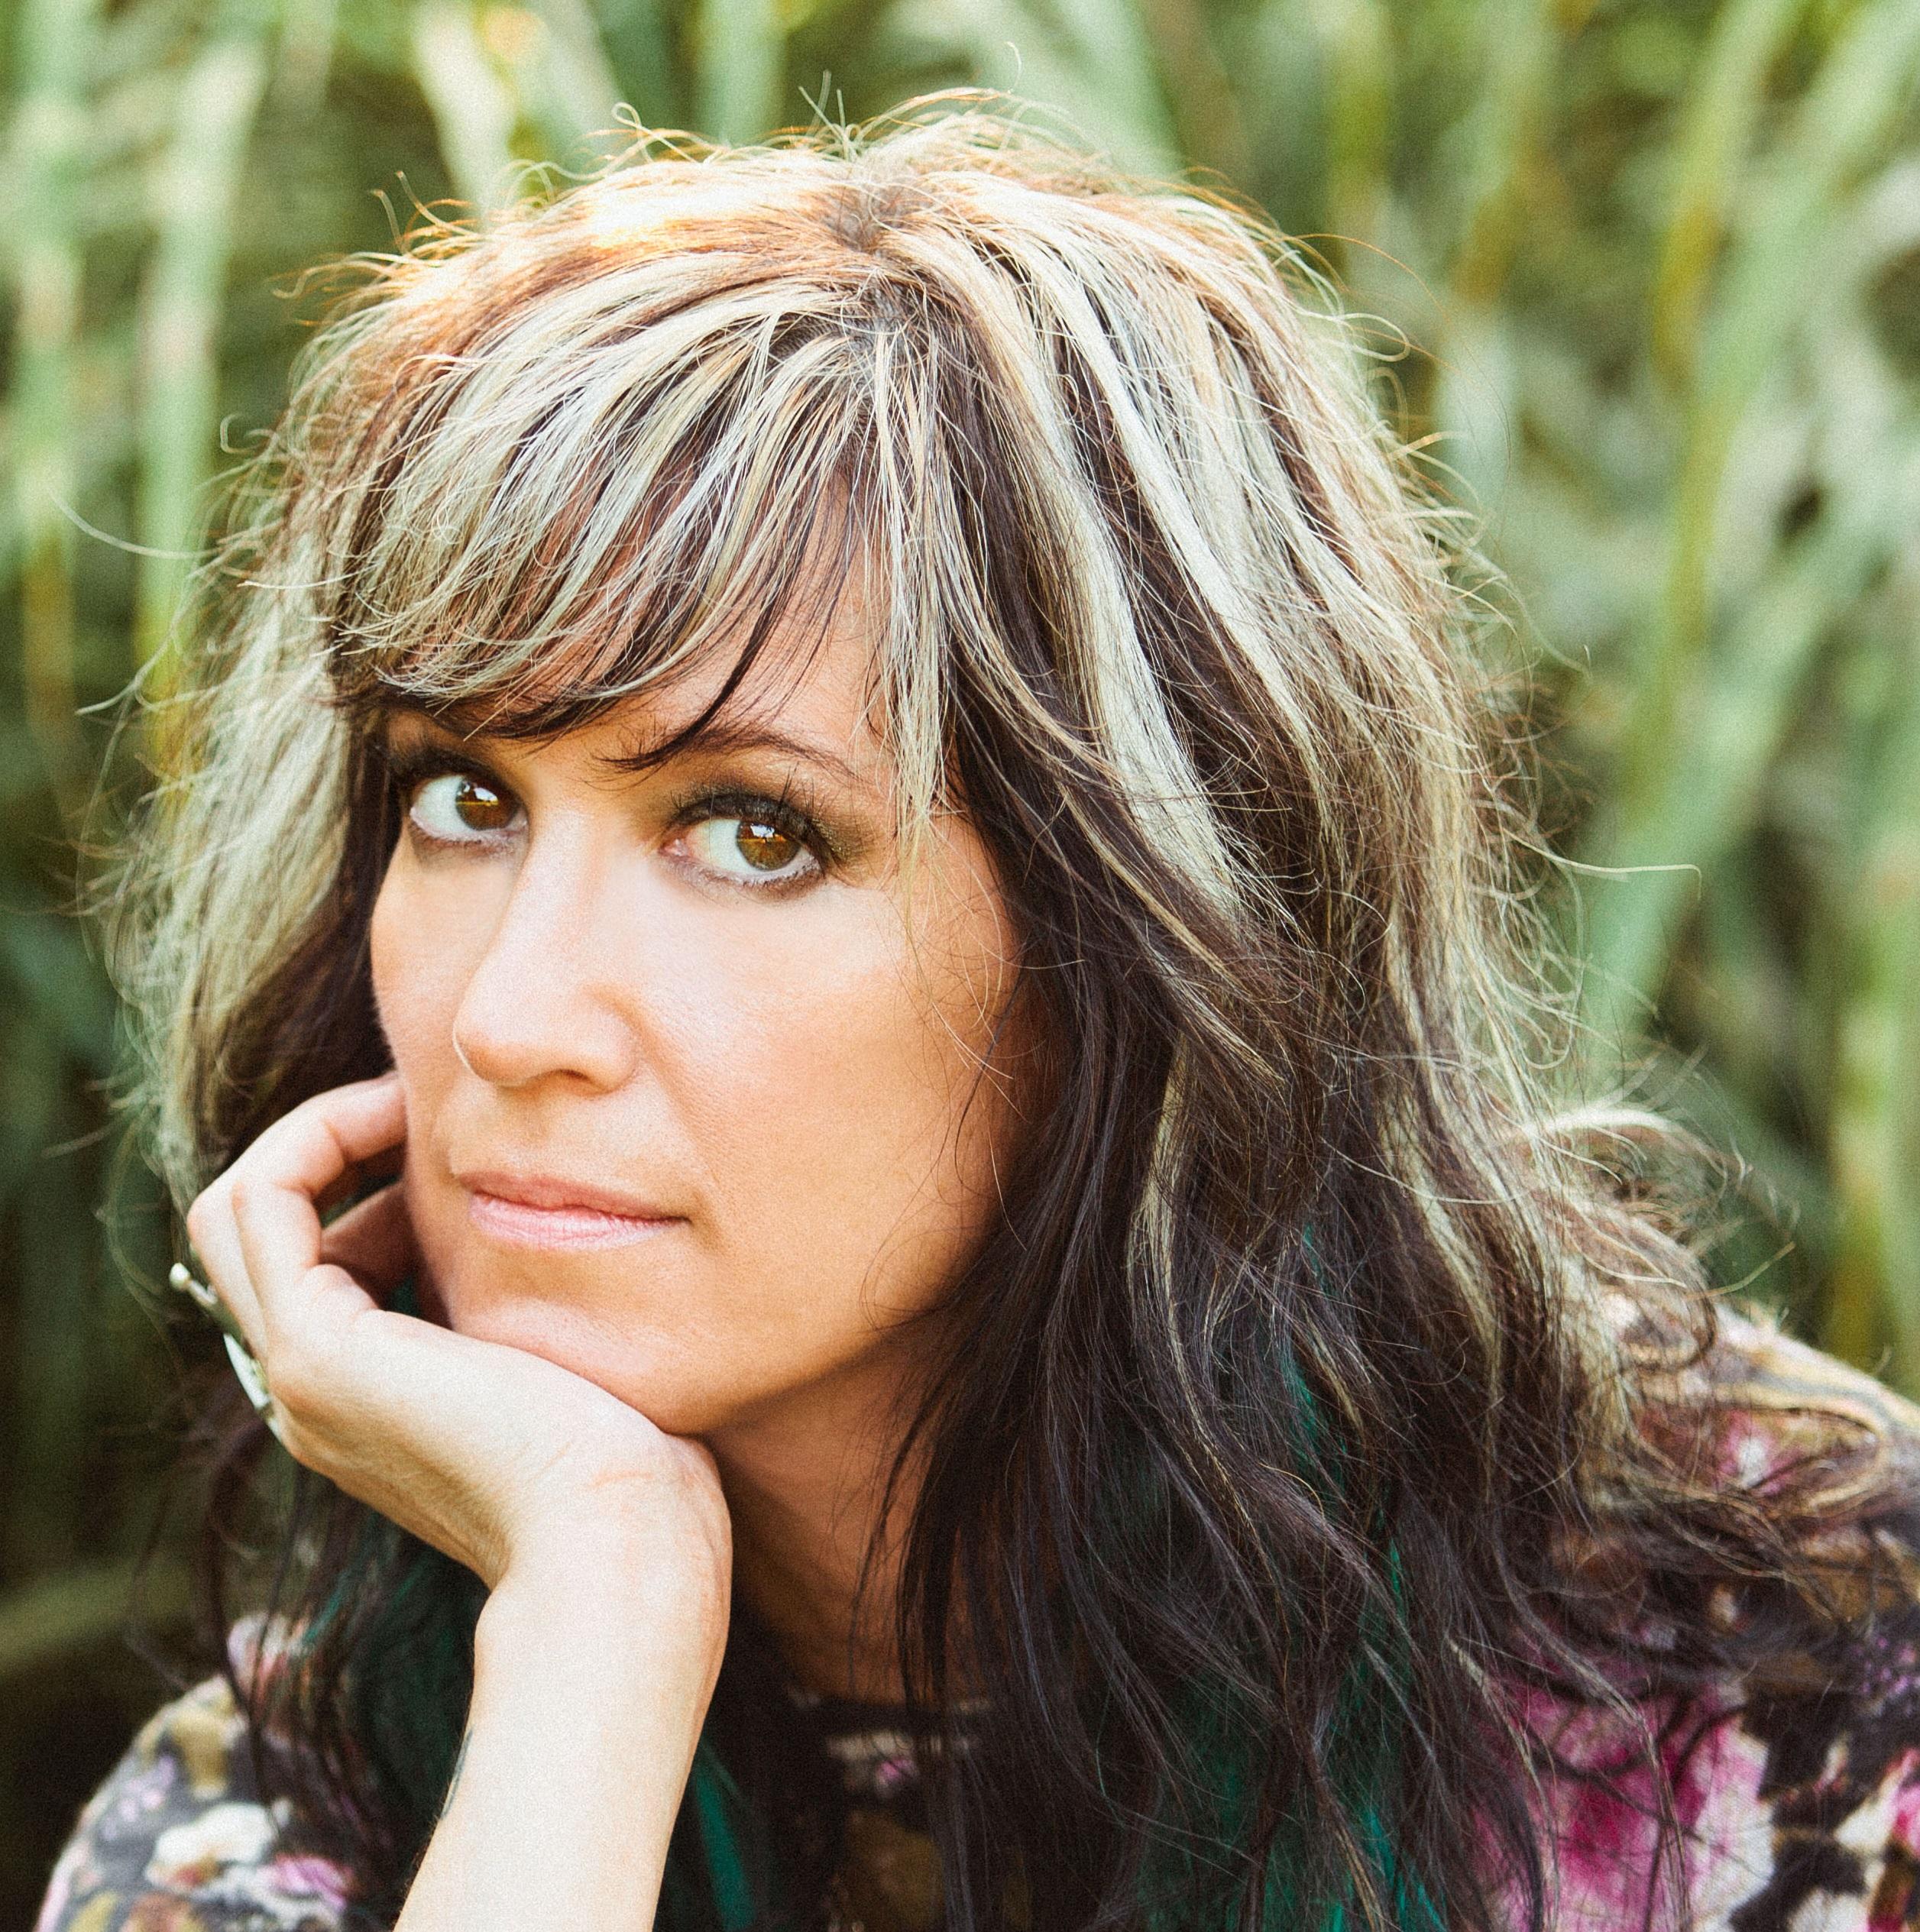 Leslie Craig